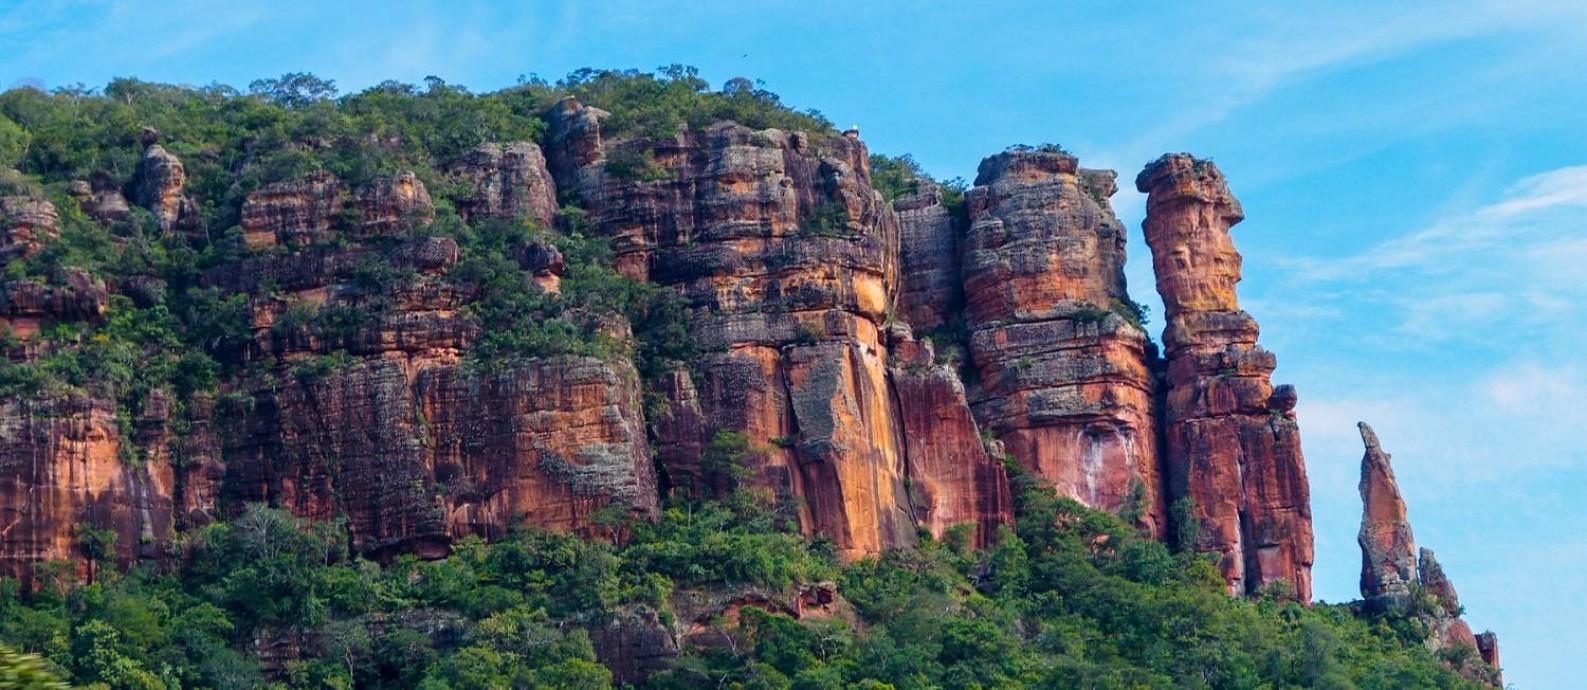 Bico da Serra, uma das formações rochosas mais conhecidas da Serra do Roncador, no Mato Grosso Foto: Divulgação